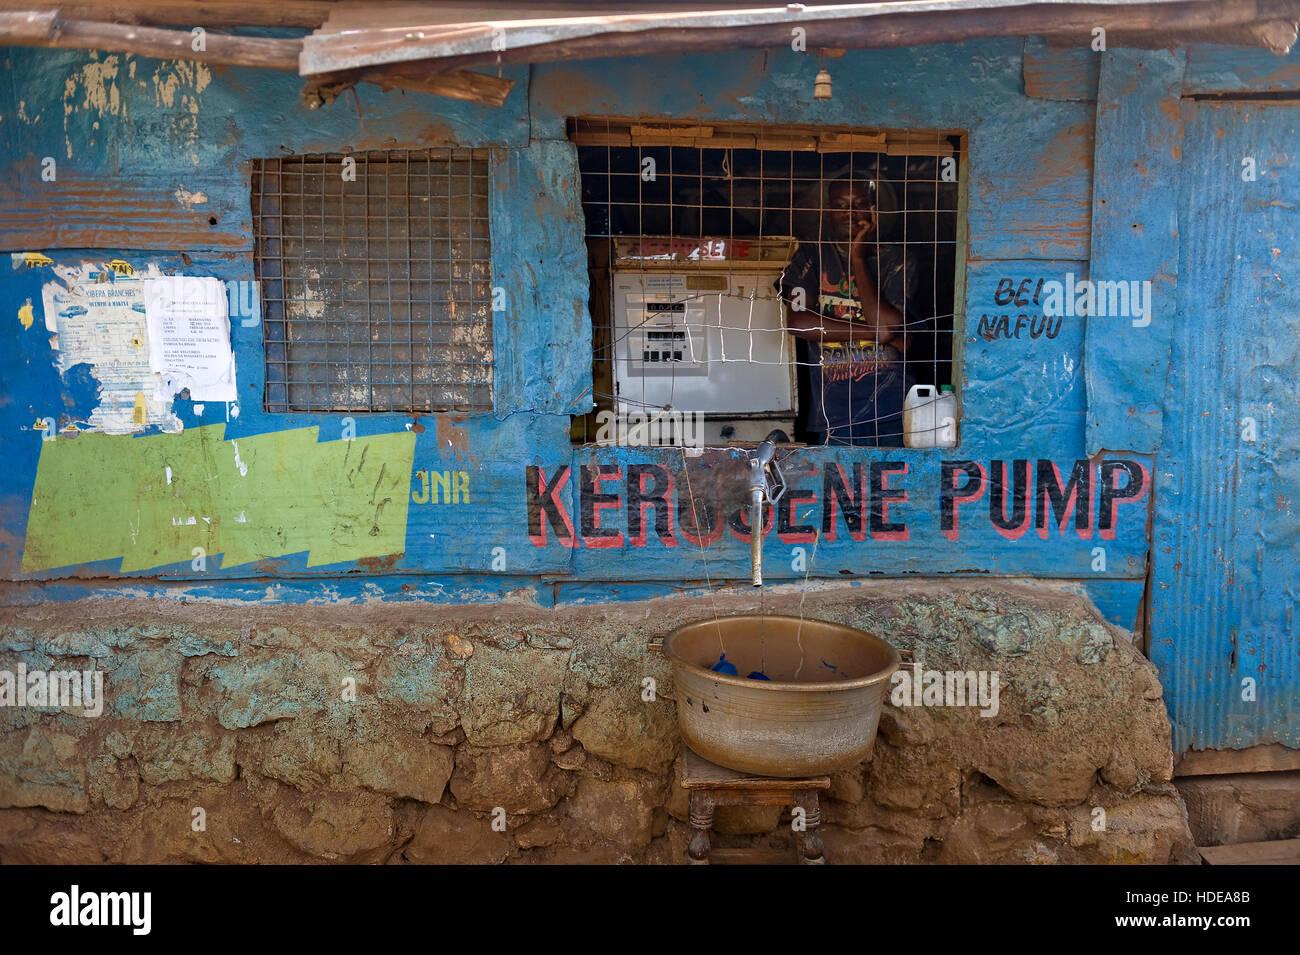 Kerosene station in Kibera - Stock Image